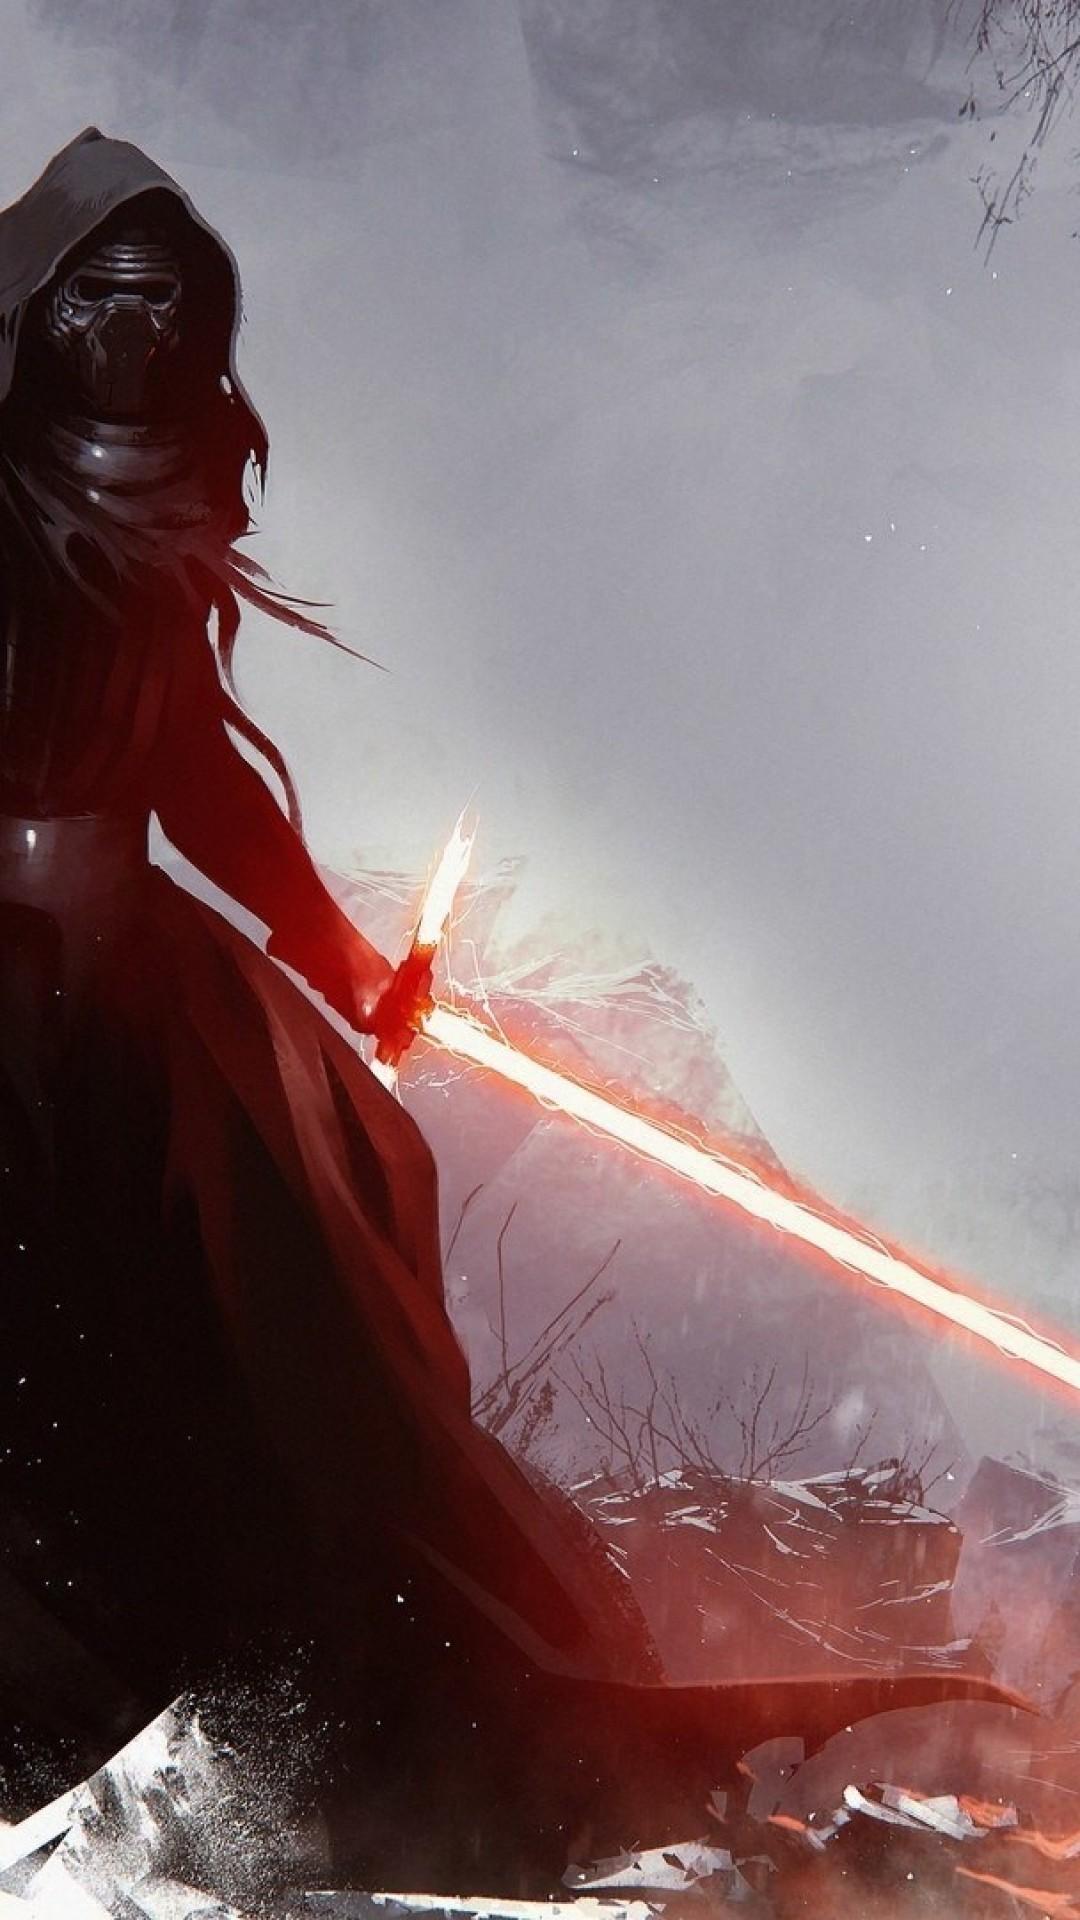 Star Wars, Kylo Ren, Cape